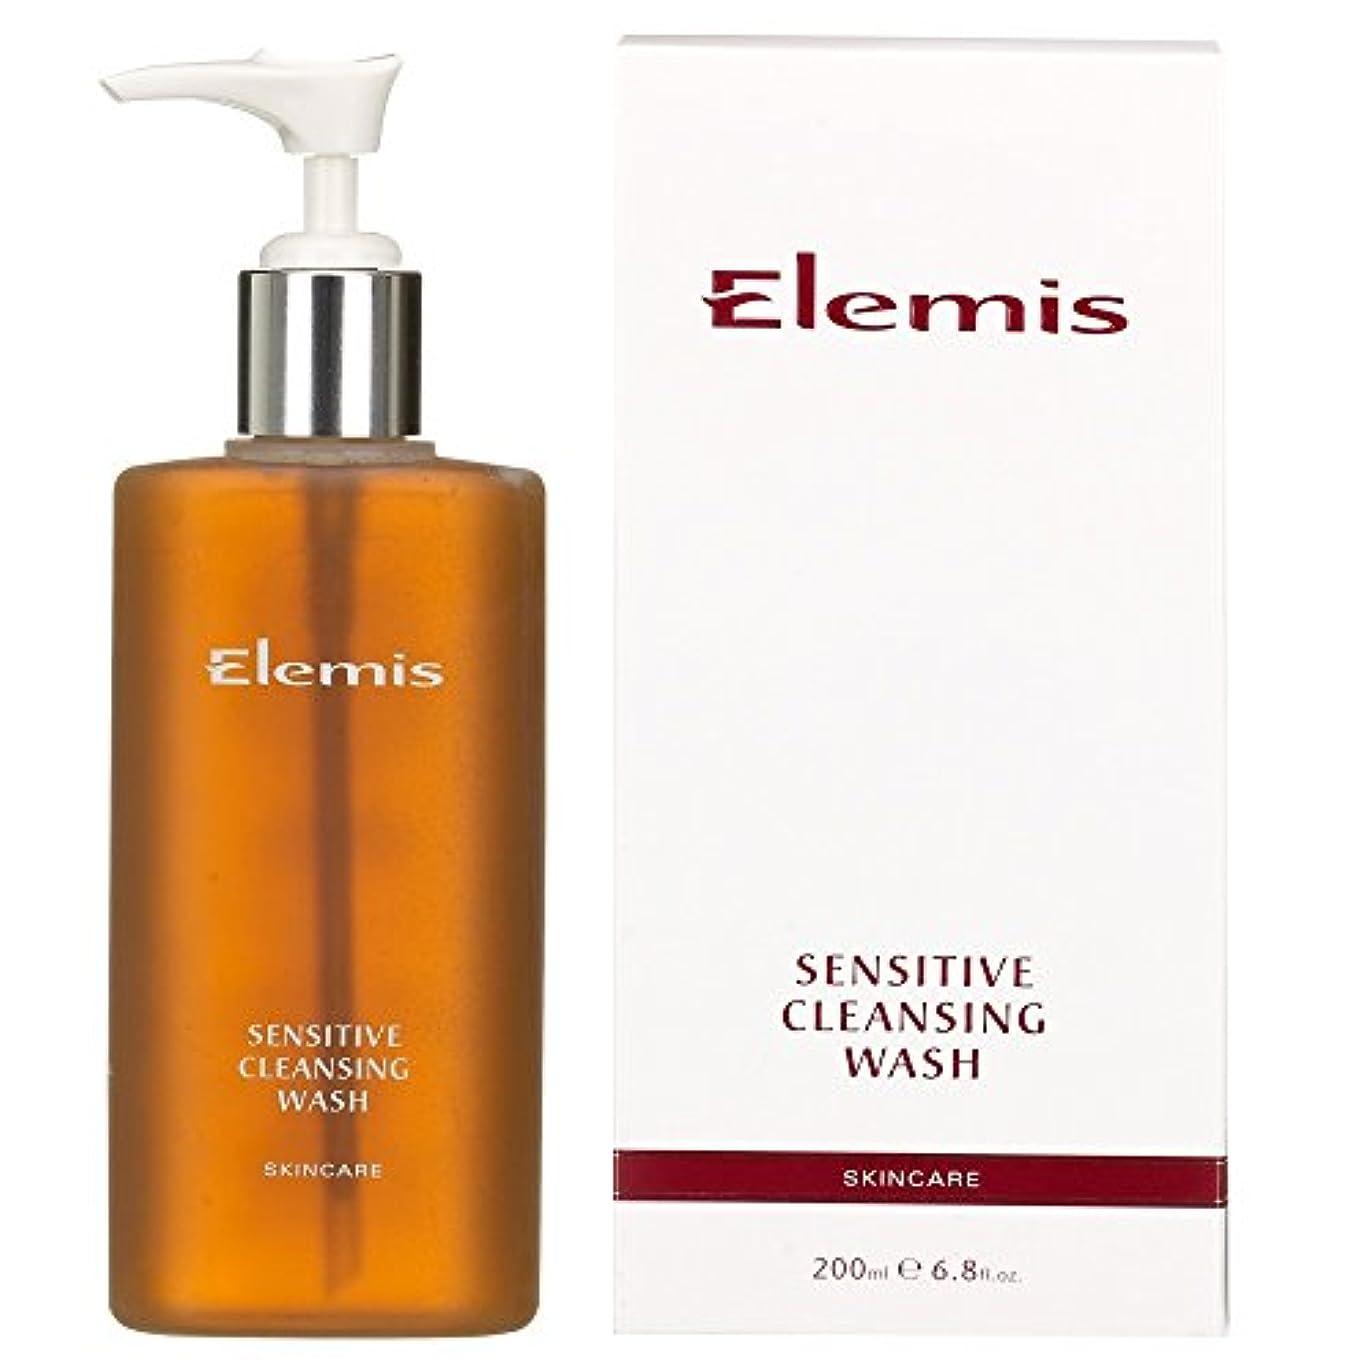 薄暗い姪ナチュラエレミスは敏感クレンジングウォッシュをスキンケア (Elemis) (x2) - Elemis Skincare Sensitive Cleansing Wash (Pack of 2) [並行輸入品]